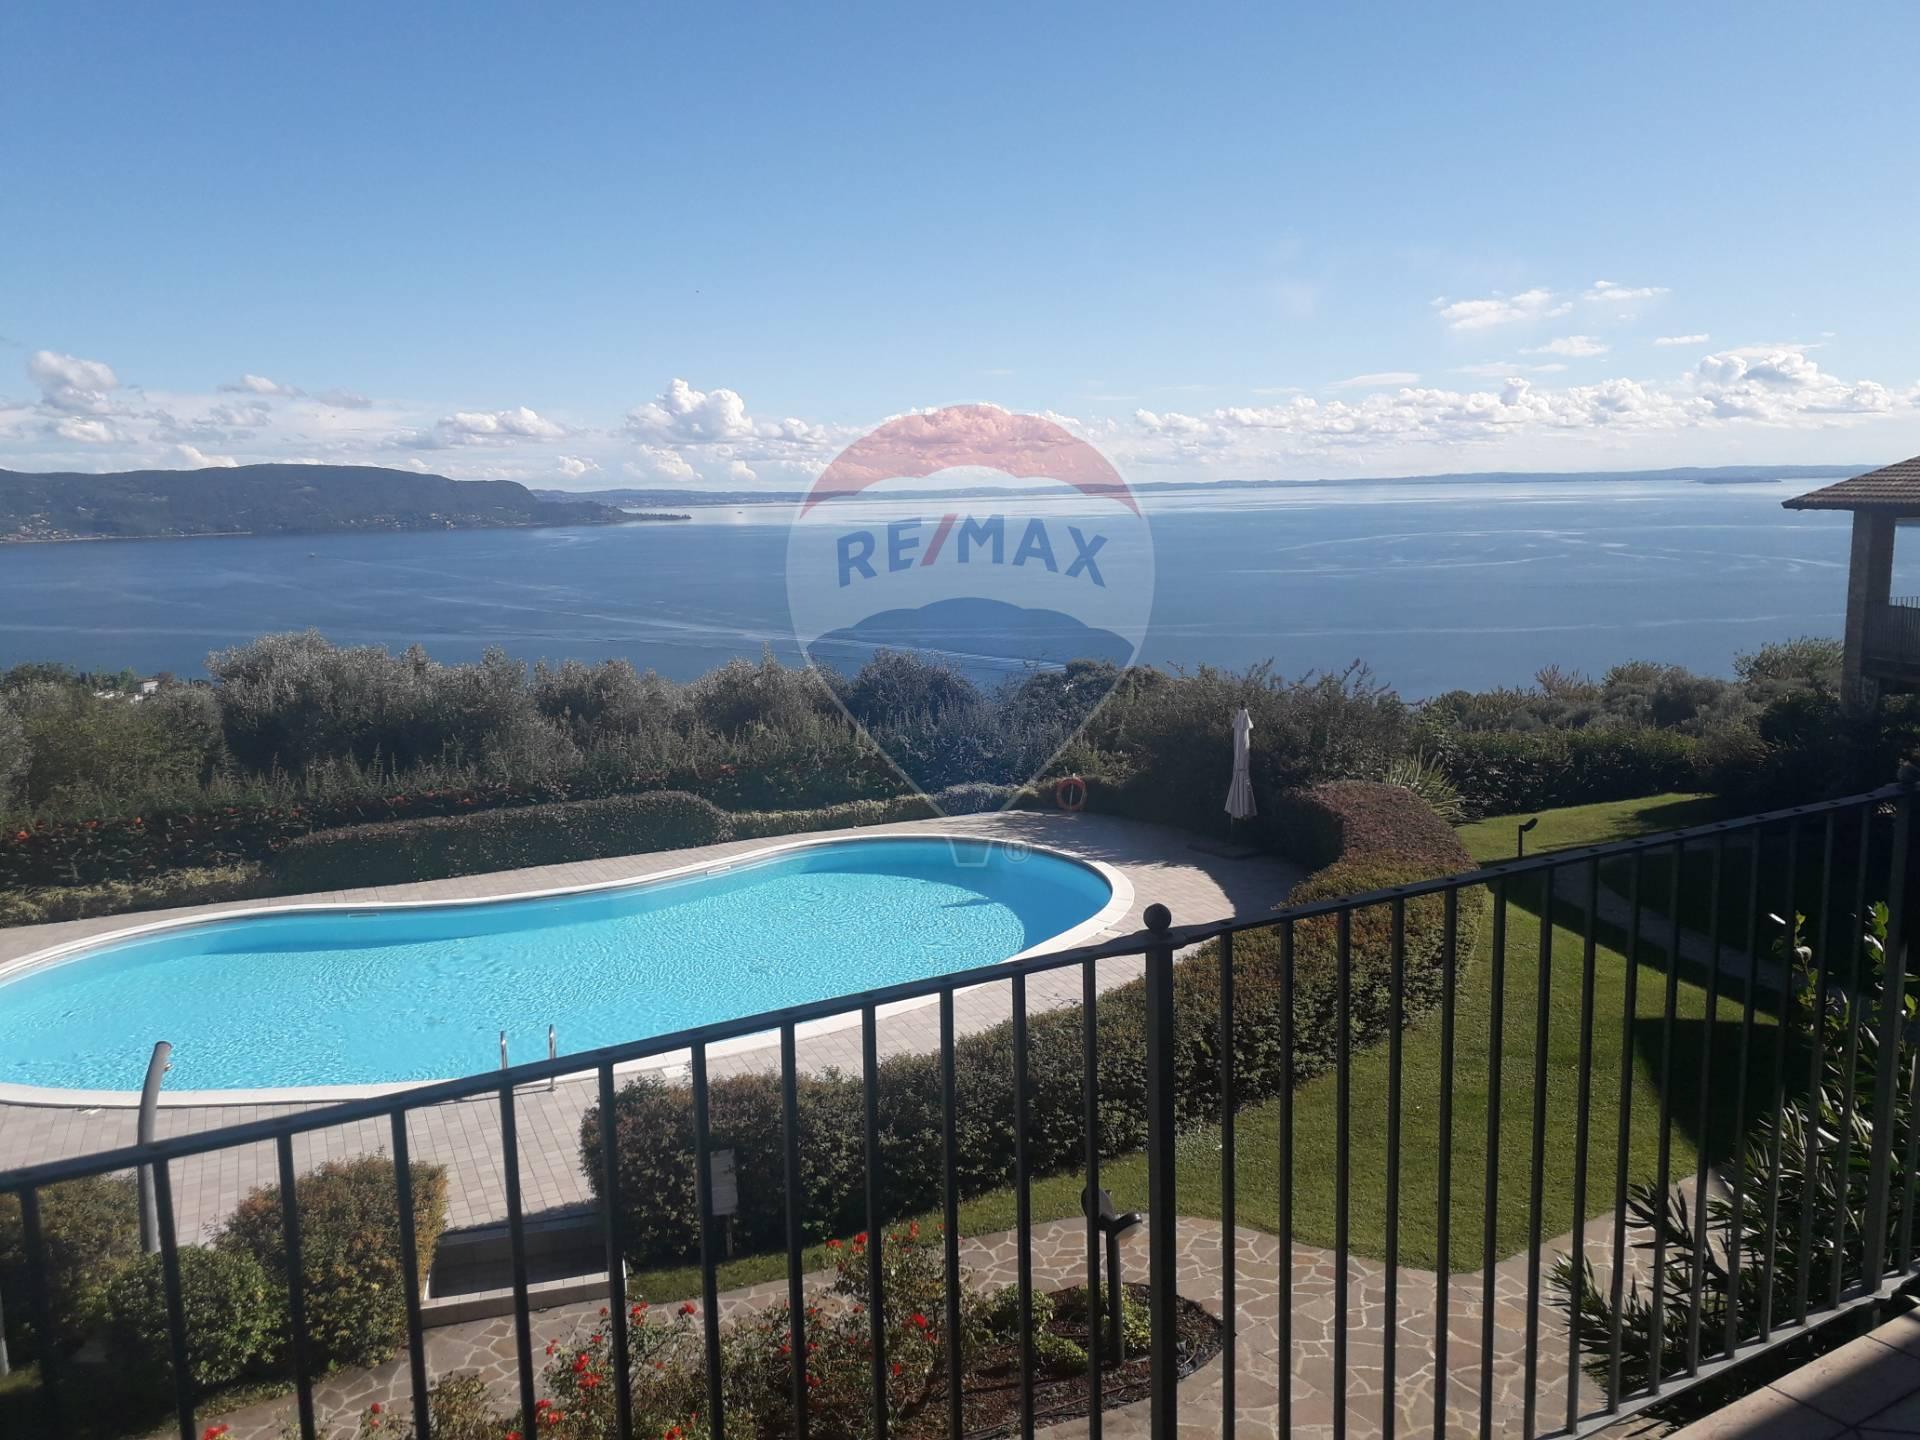 Appartamento in vendita a Toscolano-Maderno, 3 locali, zona Località: MonteMaderno, prezzo € 351.000 | CambioCasa.it